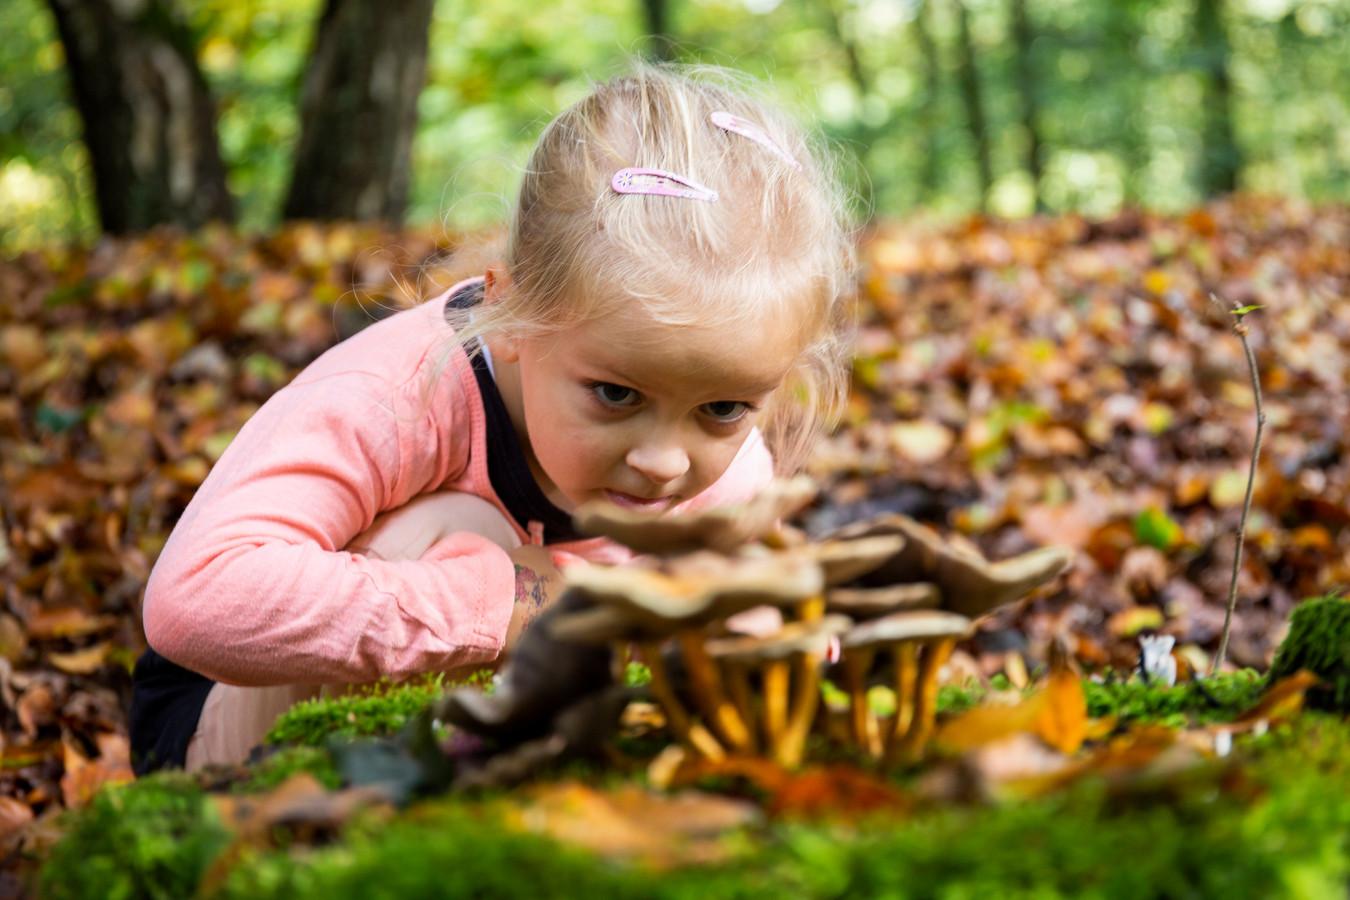 Paddenstoelen zoeken in het bos tijdens de herfstvakantie.